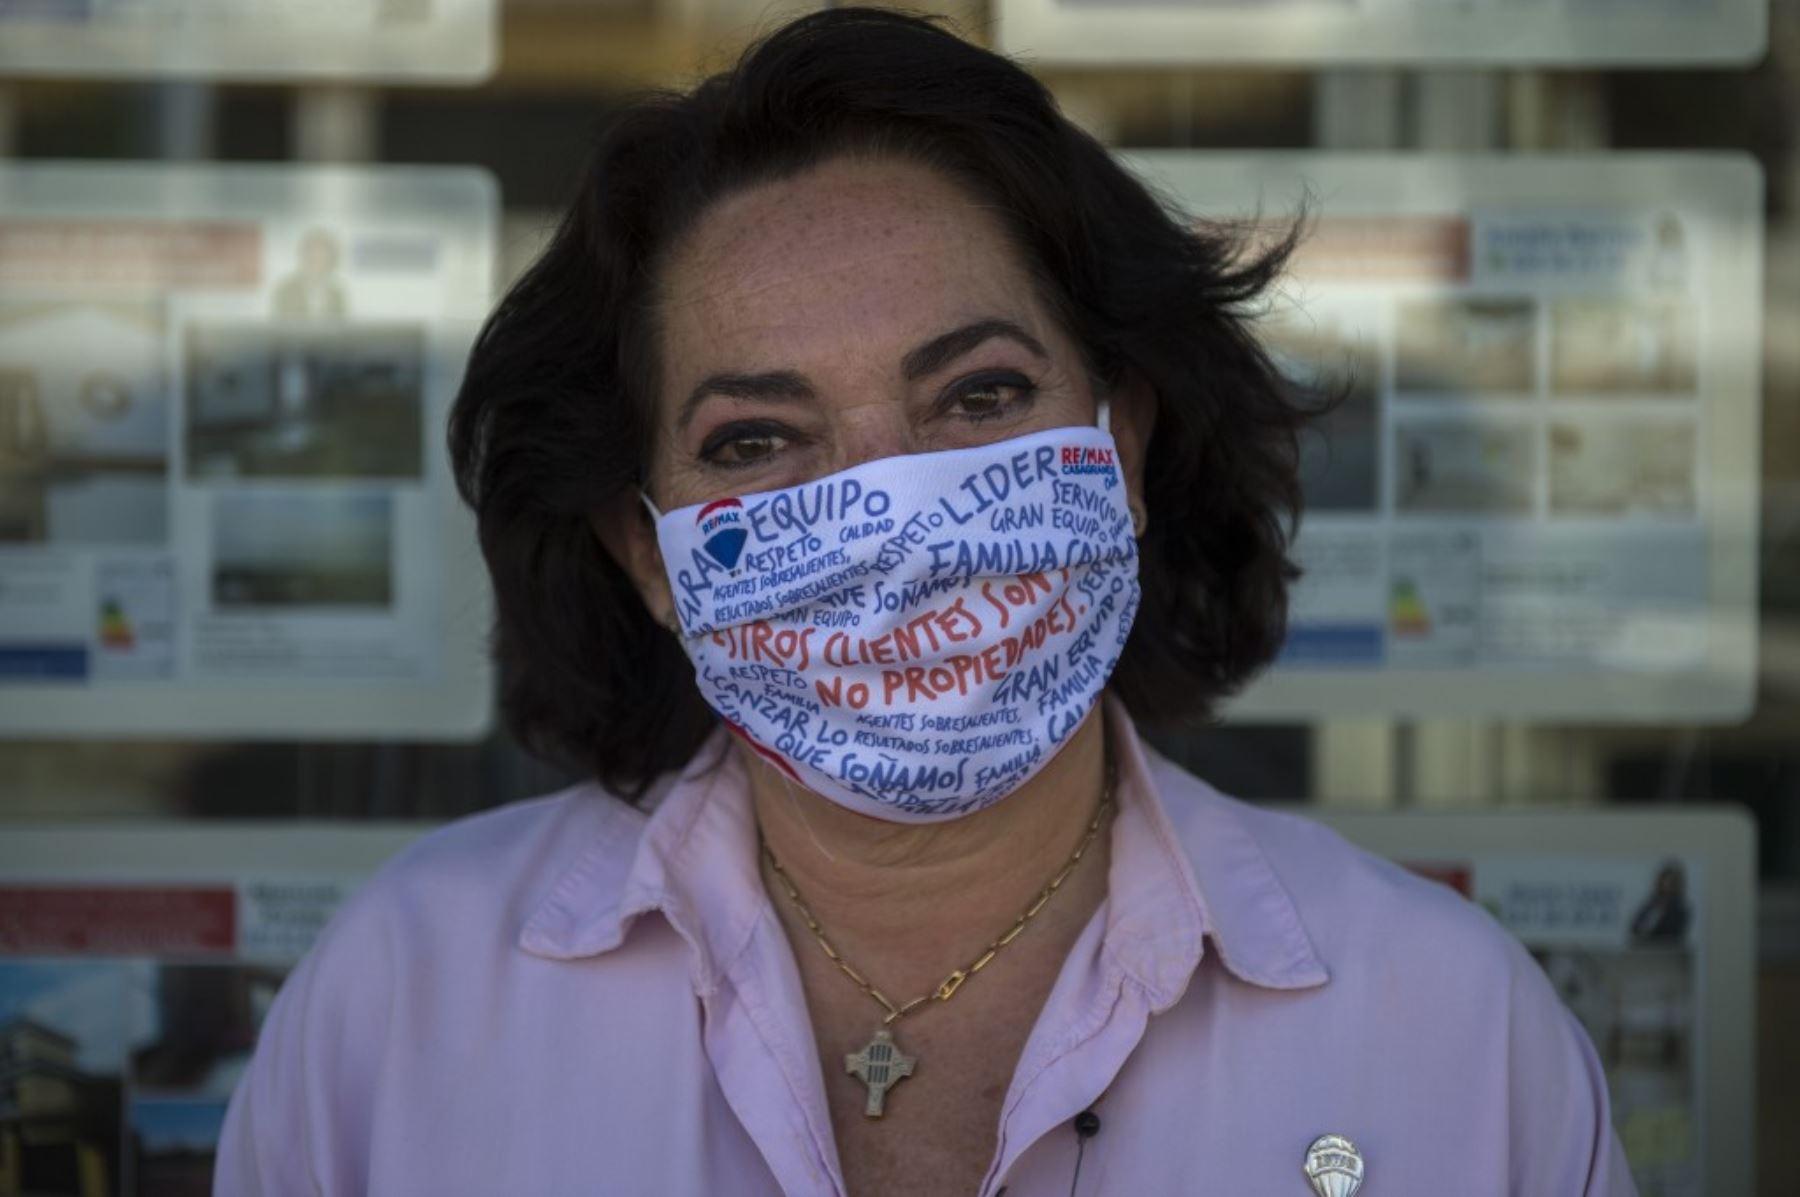 La agente inmobiliaria Virginia Herrero posa con una máscara en la agencia inmobiliaria Remax / Casagrande en Sevilla. Foto: AFP